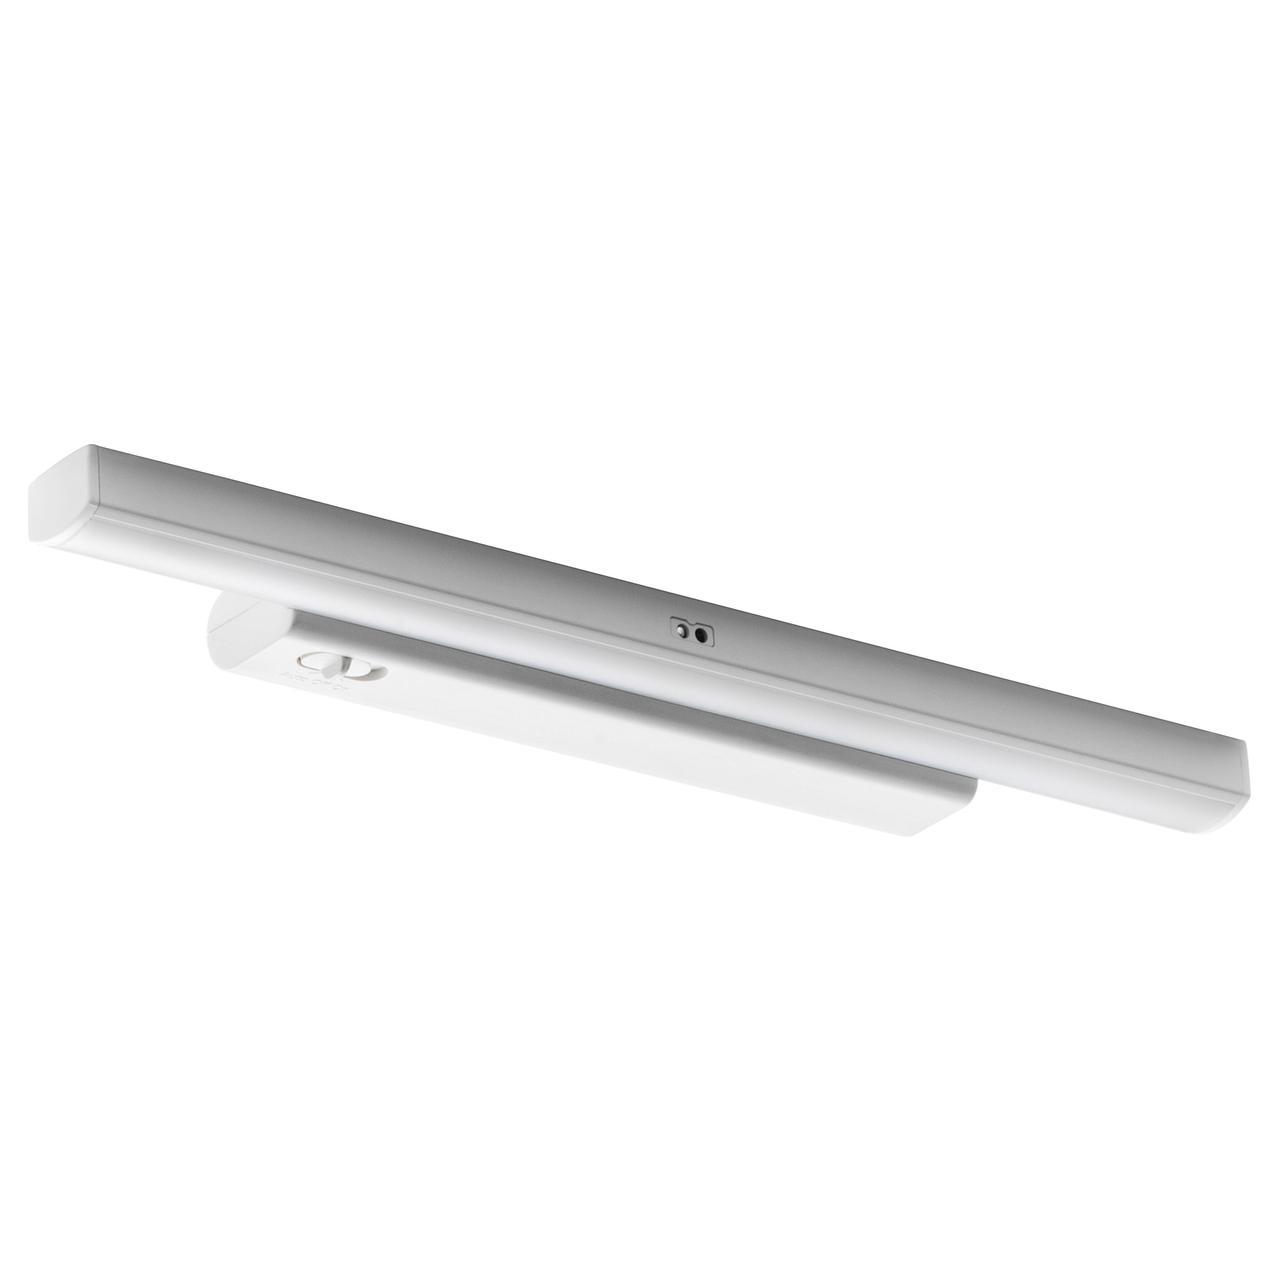 IKEA STÖTTA ( 103.600.87) LED підсвітка для шафи/сенсор, на батерейках білий 32 см